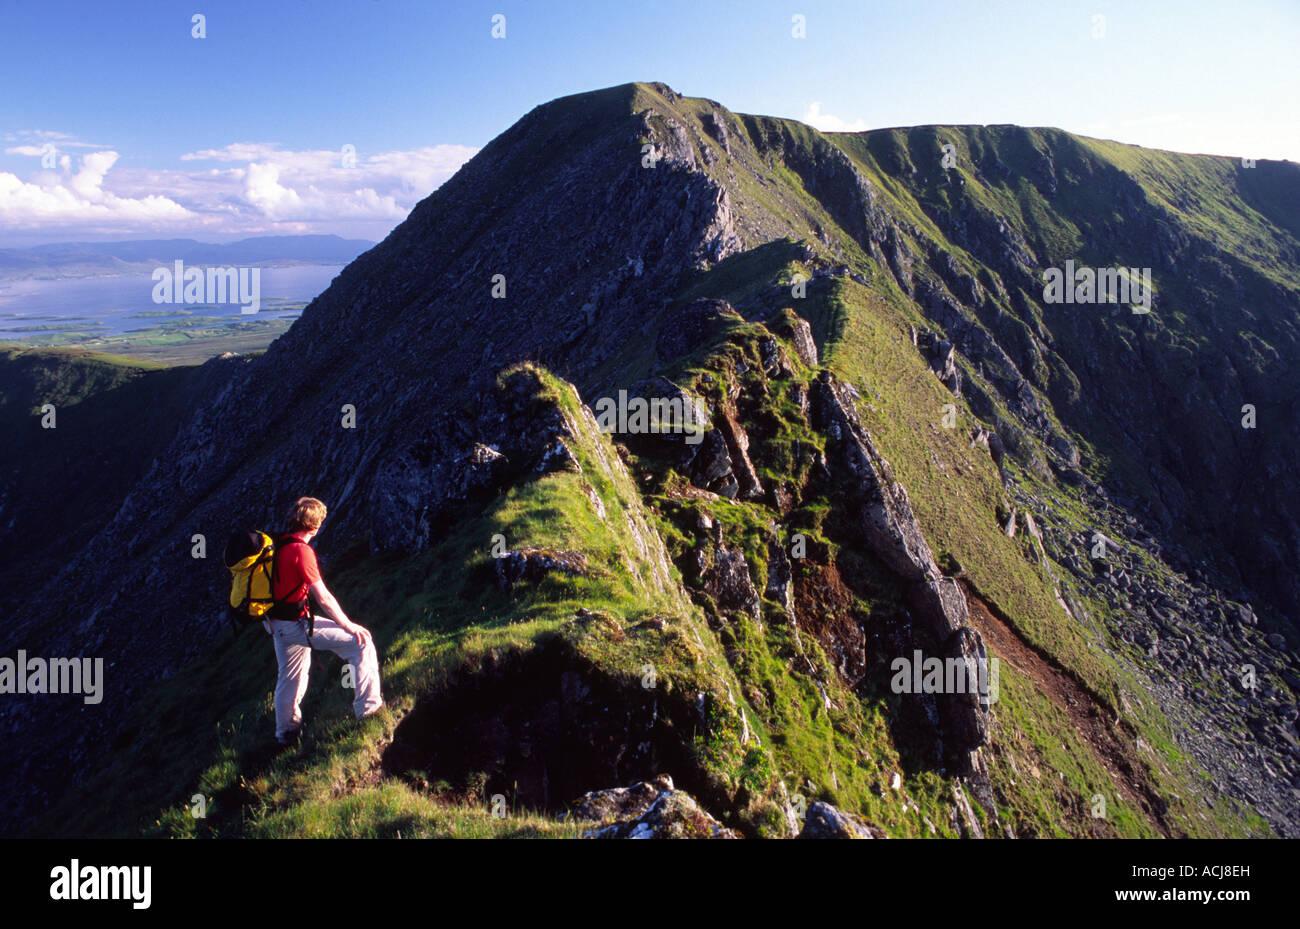 Excursionista de montaña en el Corranbinna Ridge, Nephin Beg Mountains, en el condado de Mayo, Irlanda. Imagen De Stock